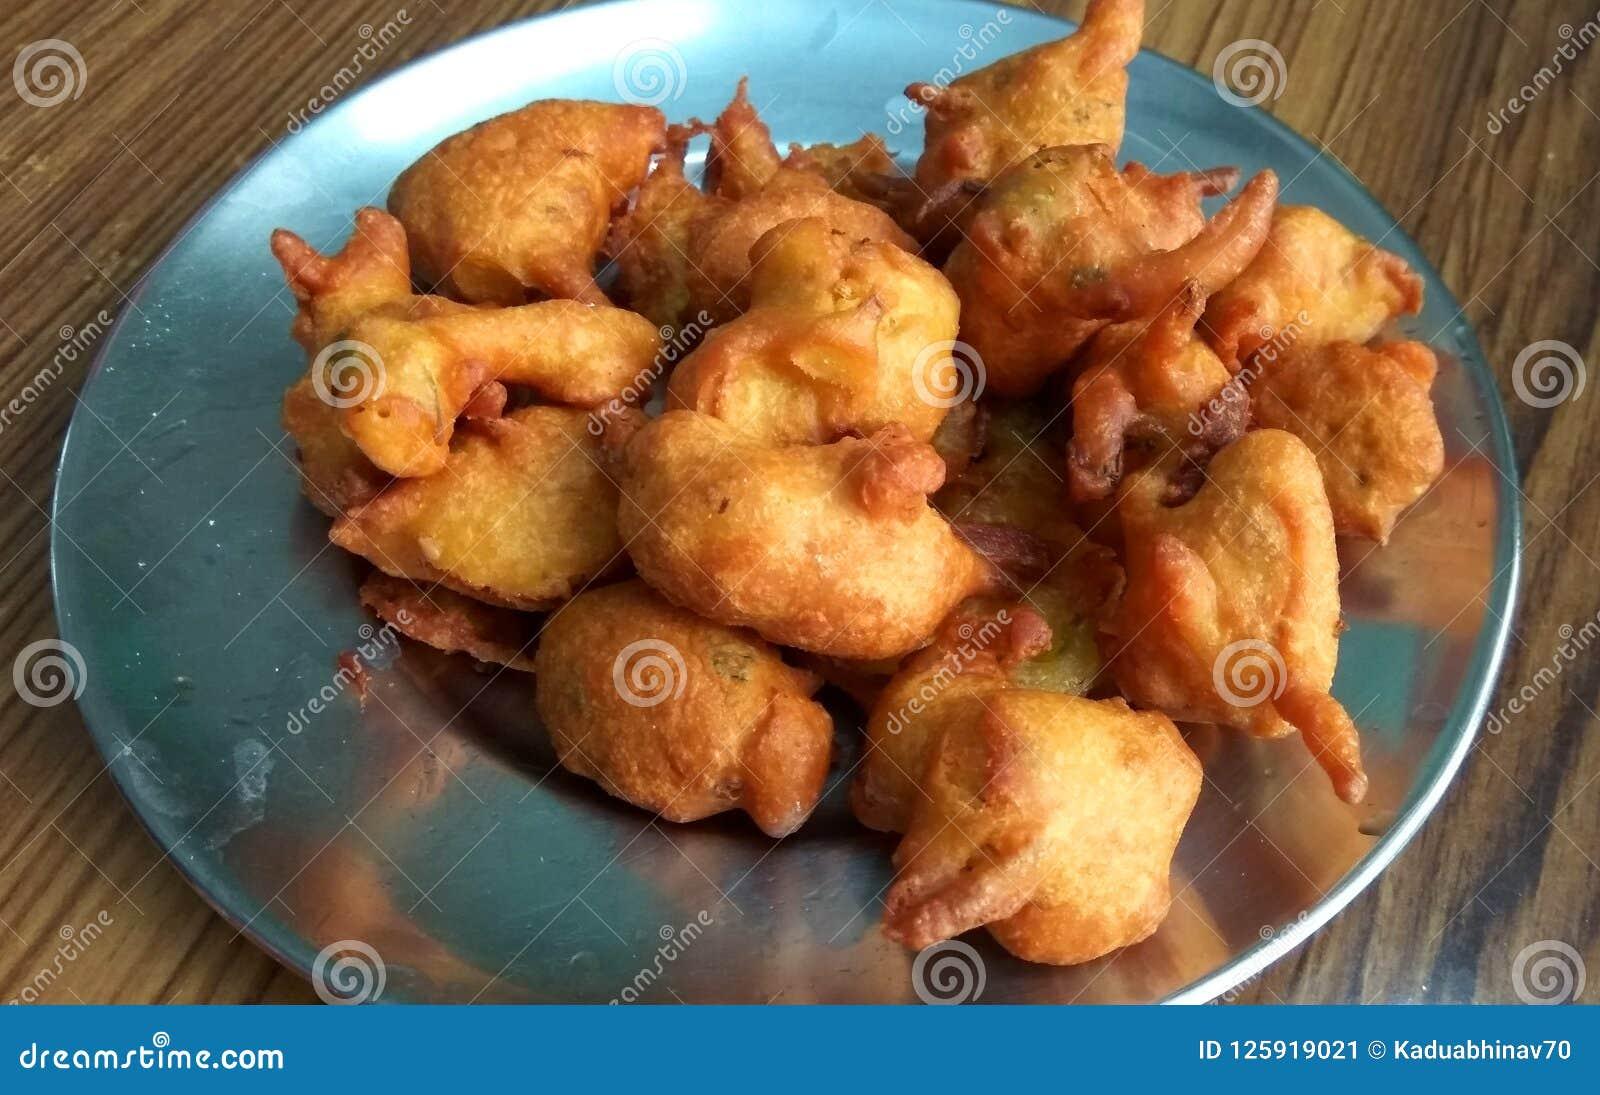 Fried Pakora